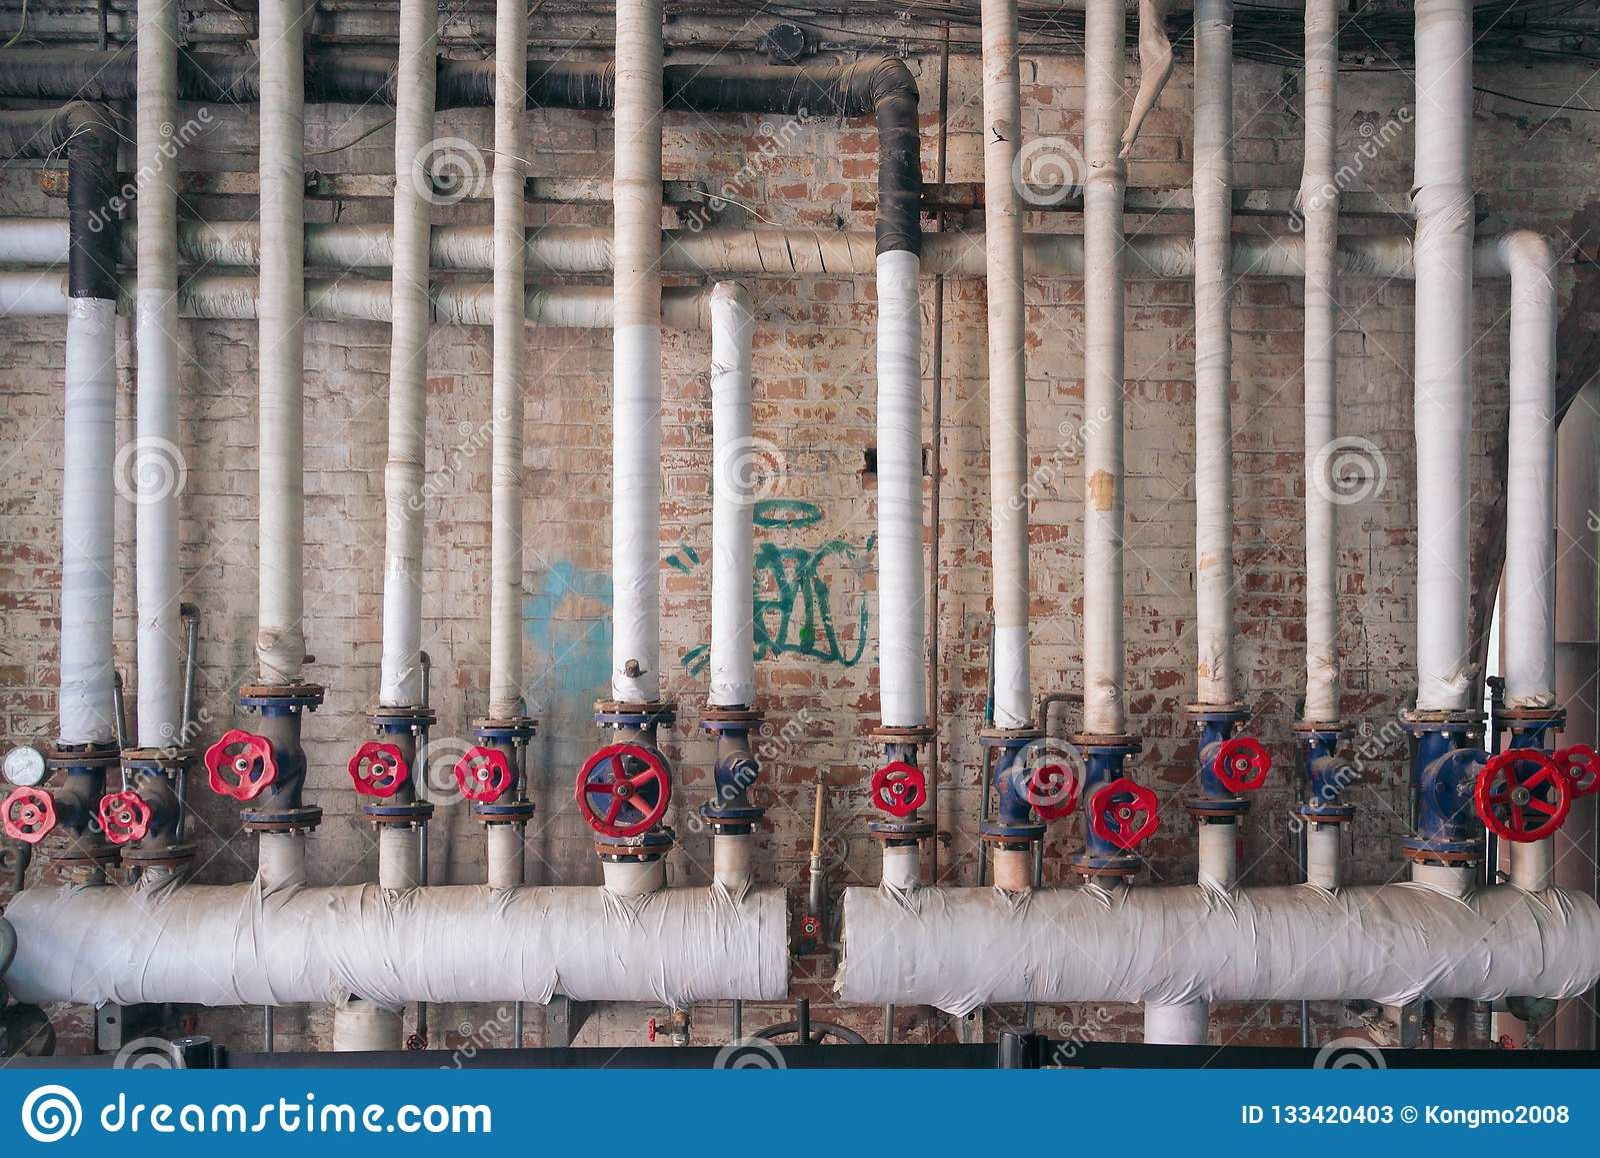 Le réseau de pipe-lines blanc et le manuel rouge actionnent des valves